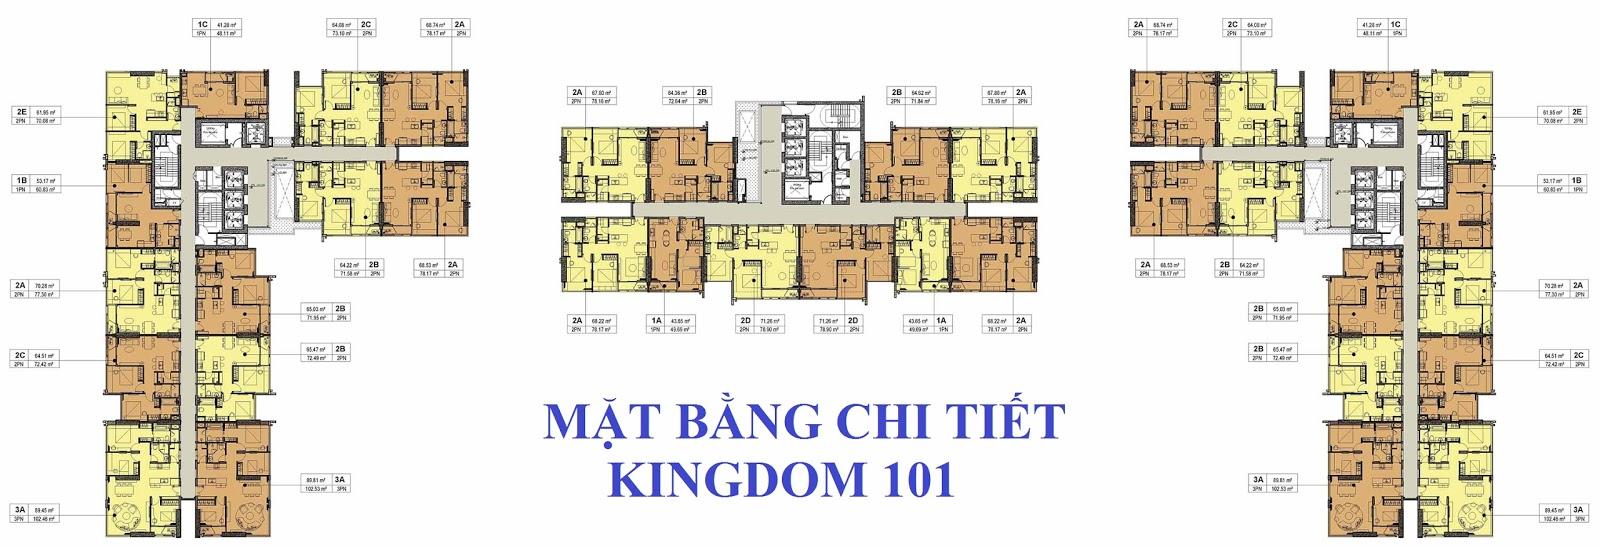 can ho kingdom 101 - mat bang tang